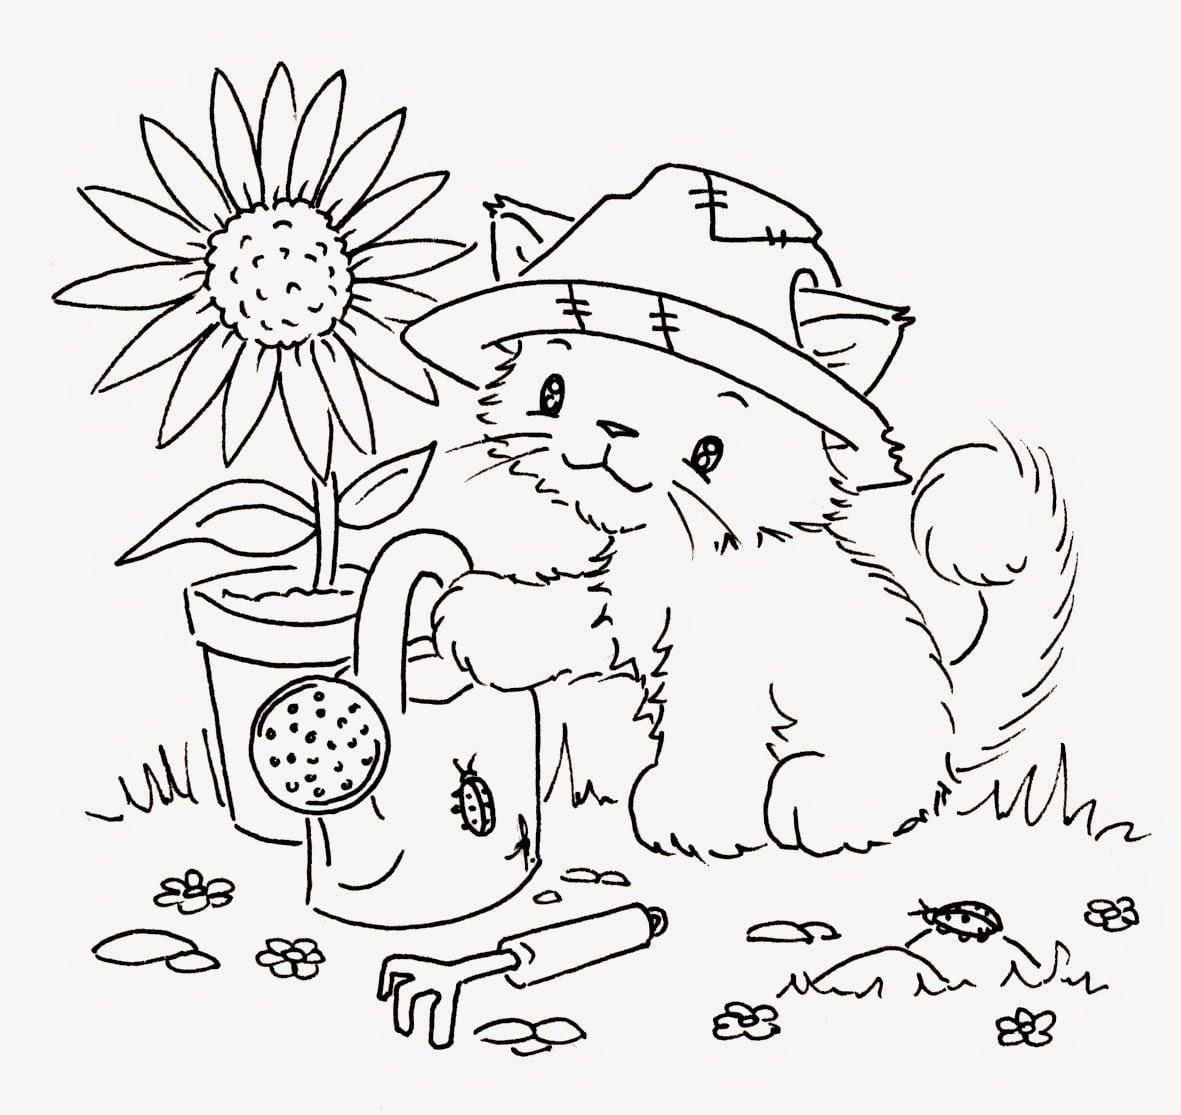 Desenhos De Gatos E Gatinhos Para Colorir, Pintar E Imprimir